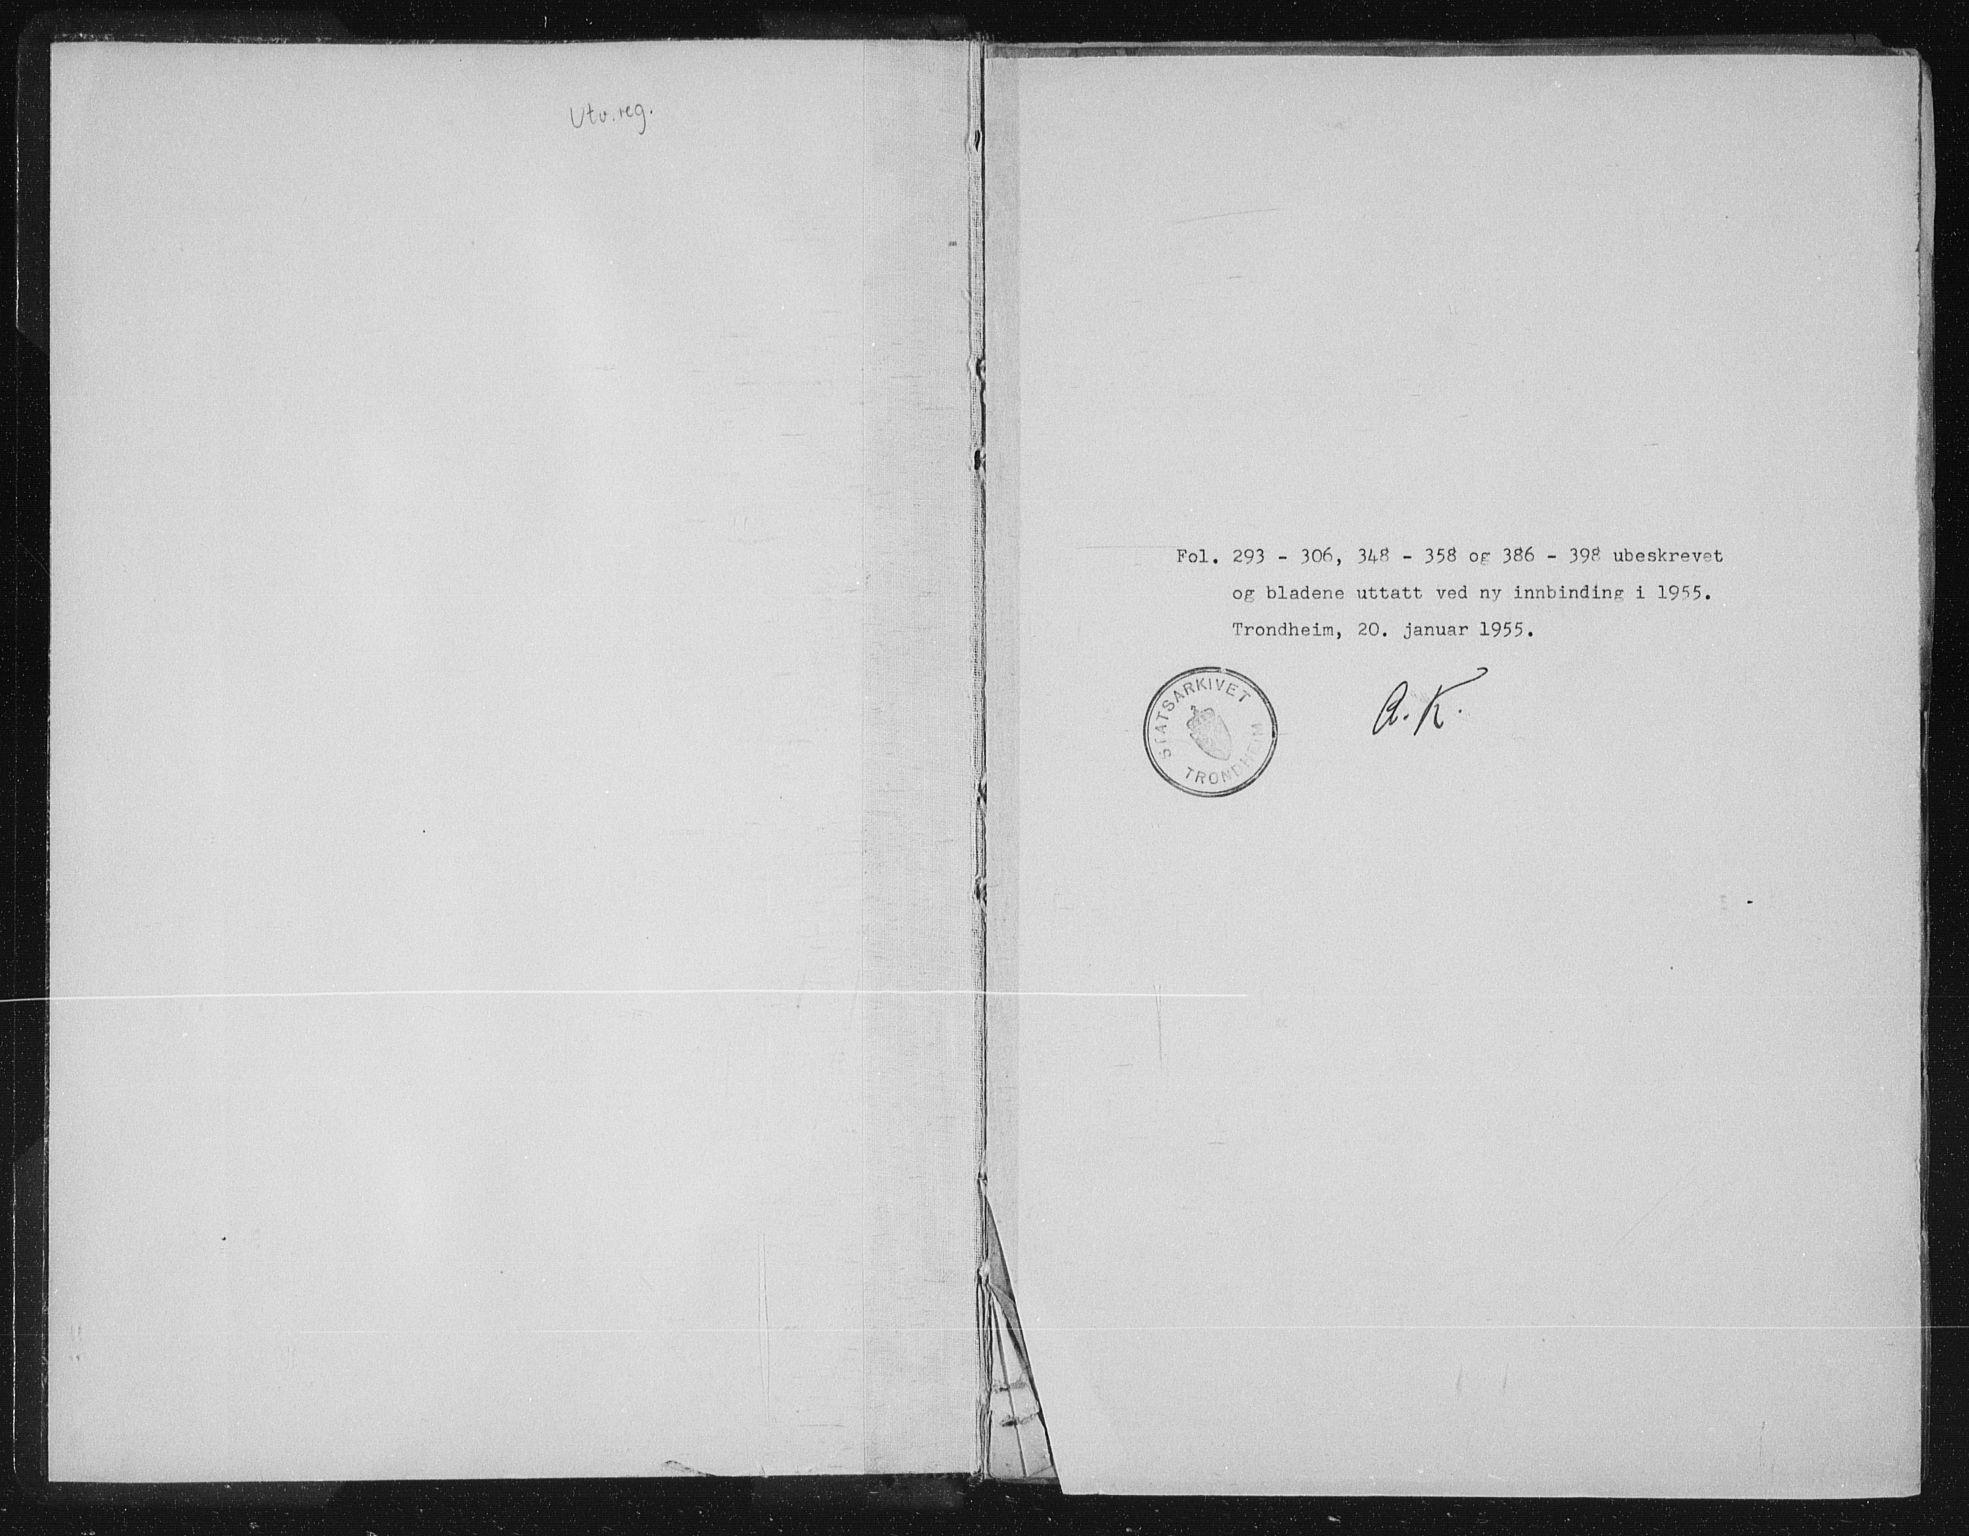 SAT, Ministerialprotokoller, klokkerbøker og fødselsregistre - Nord-Trøndelag, 741/L0392: Ministerialbok nr. 741A06, 1836-1848